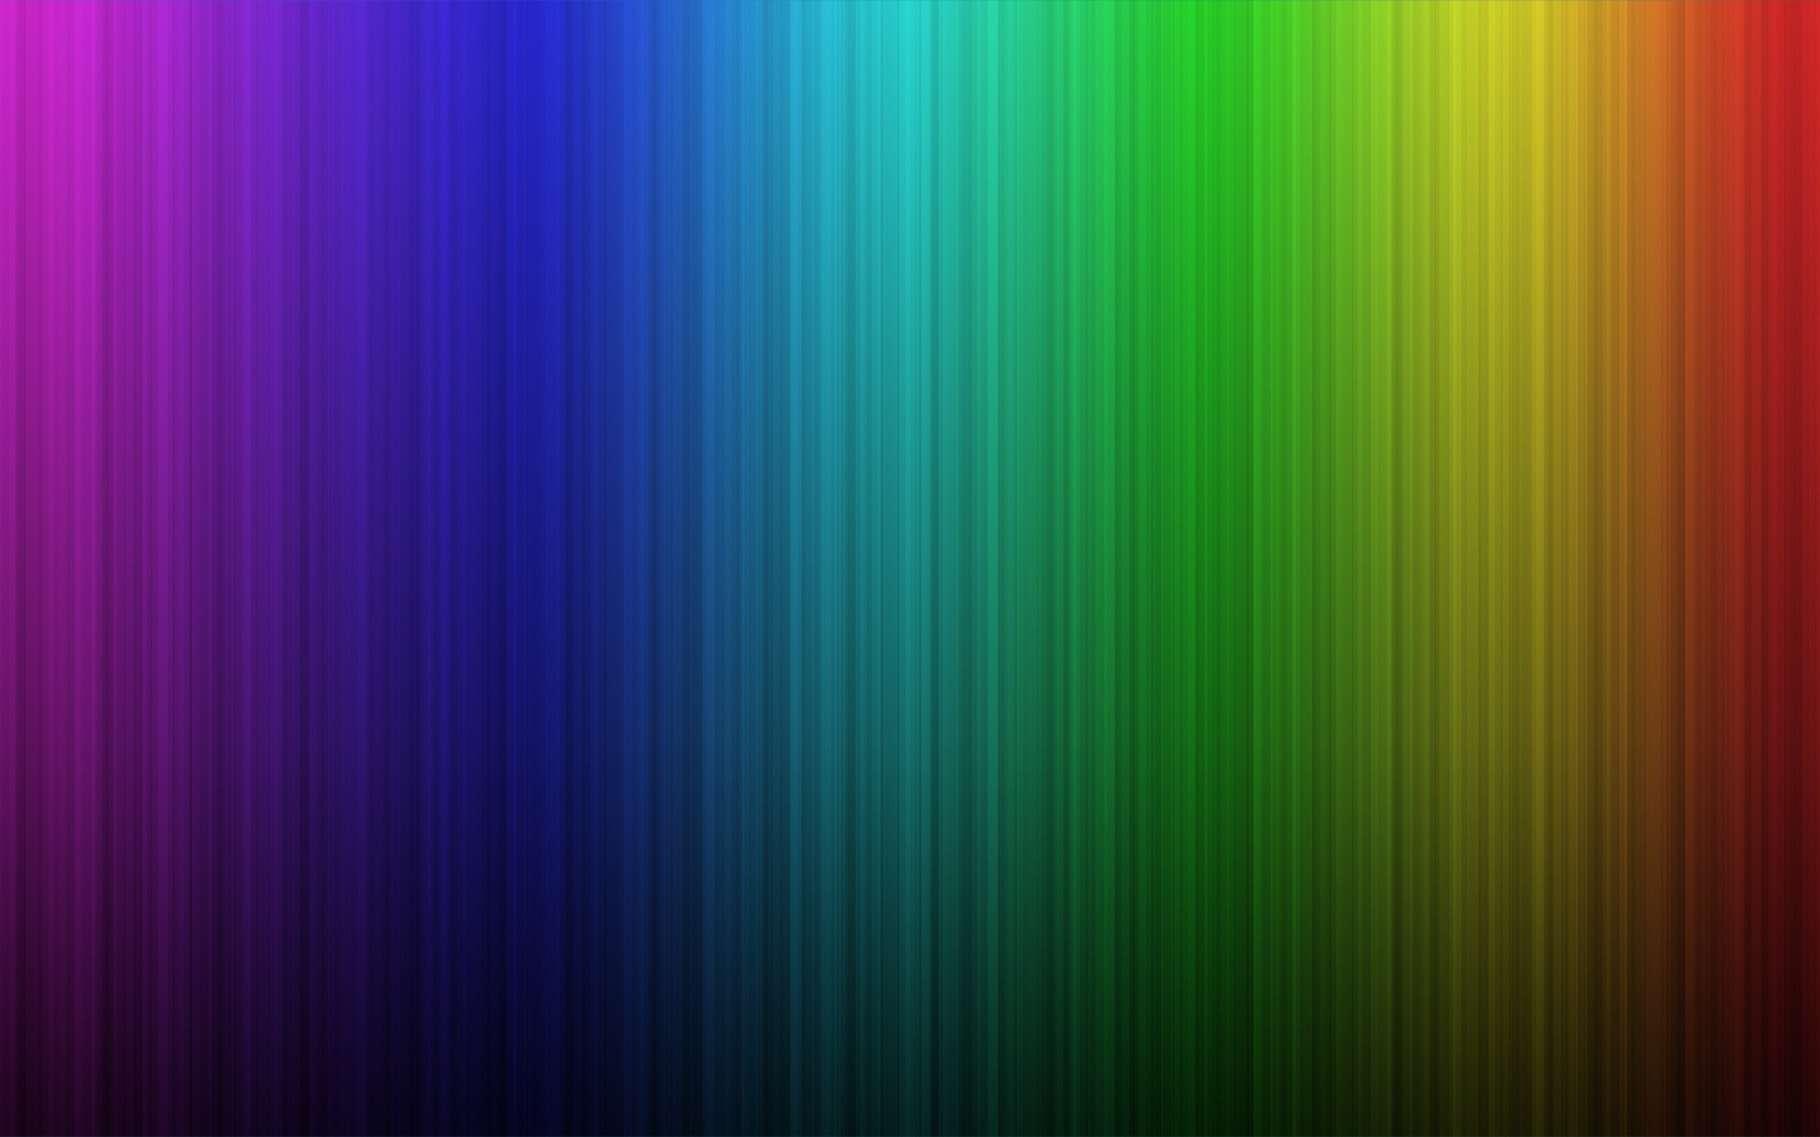 Un spectrographe permet de décomposer la lumière reçue, notamment celle des étoiles, et d'en analyser ensuite la composition. © photosbymeow, Shutterstock